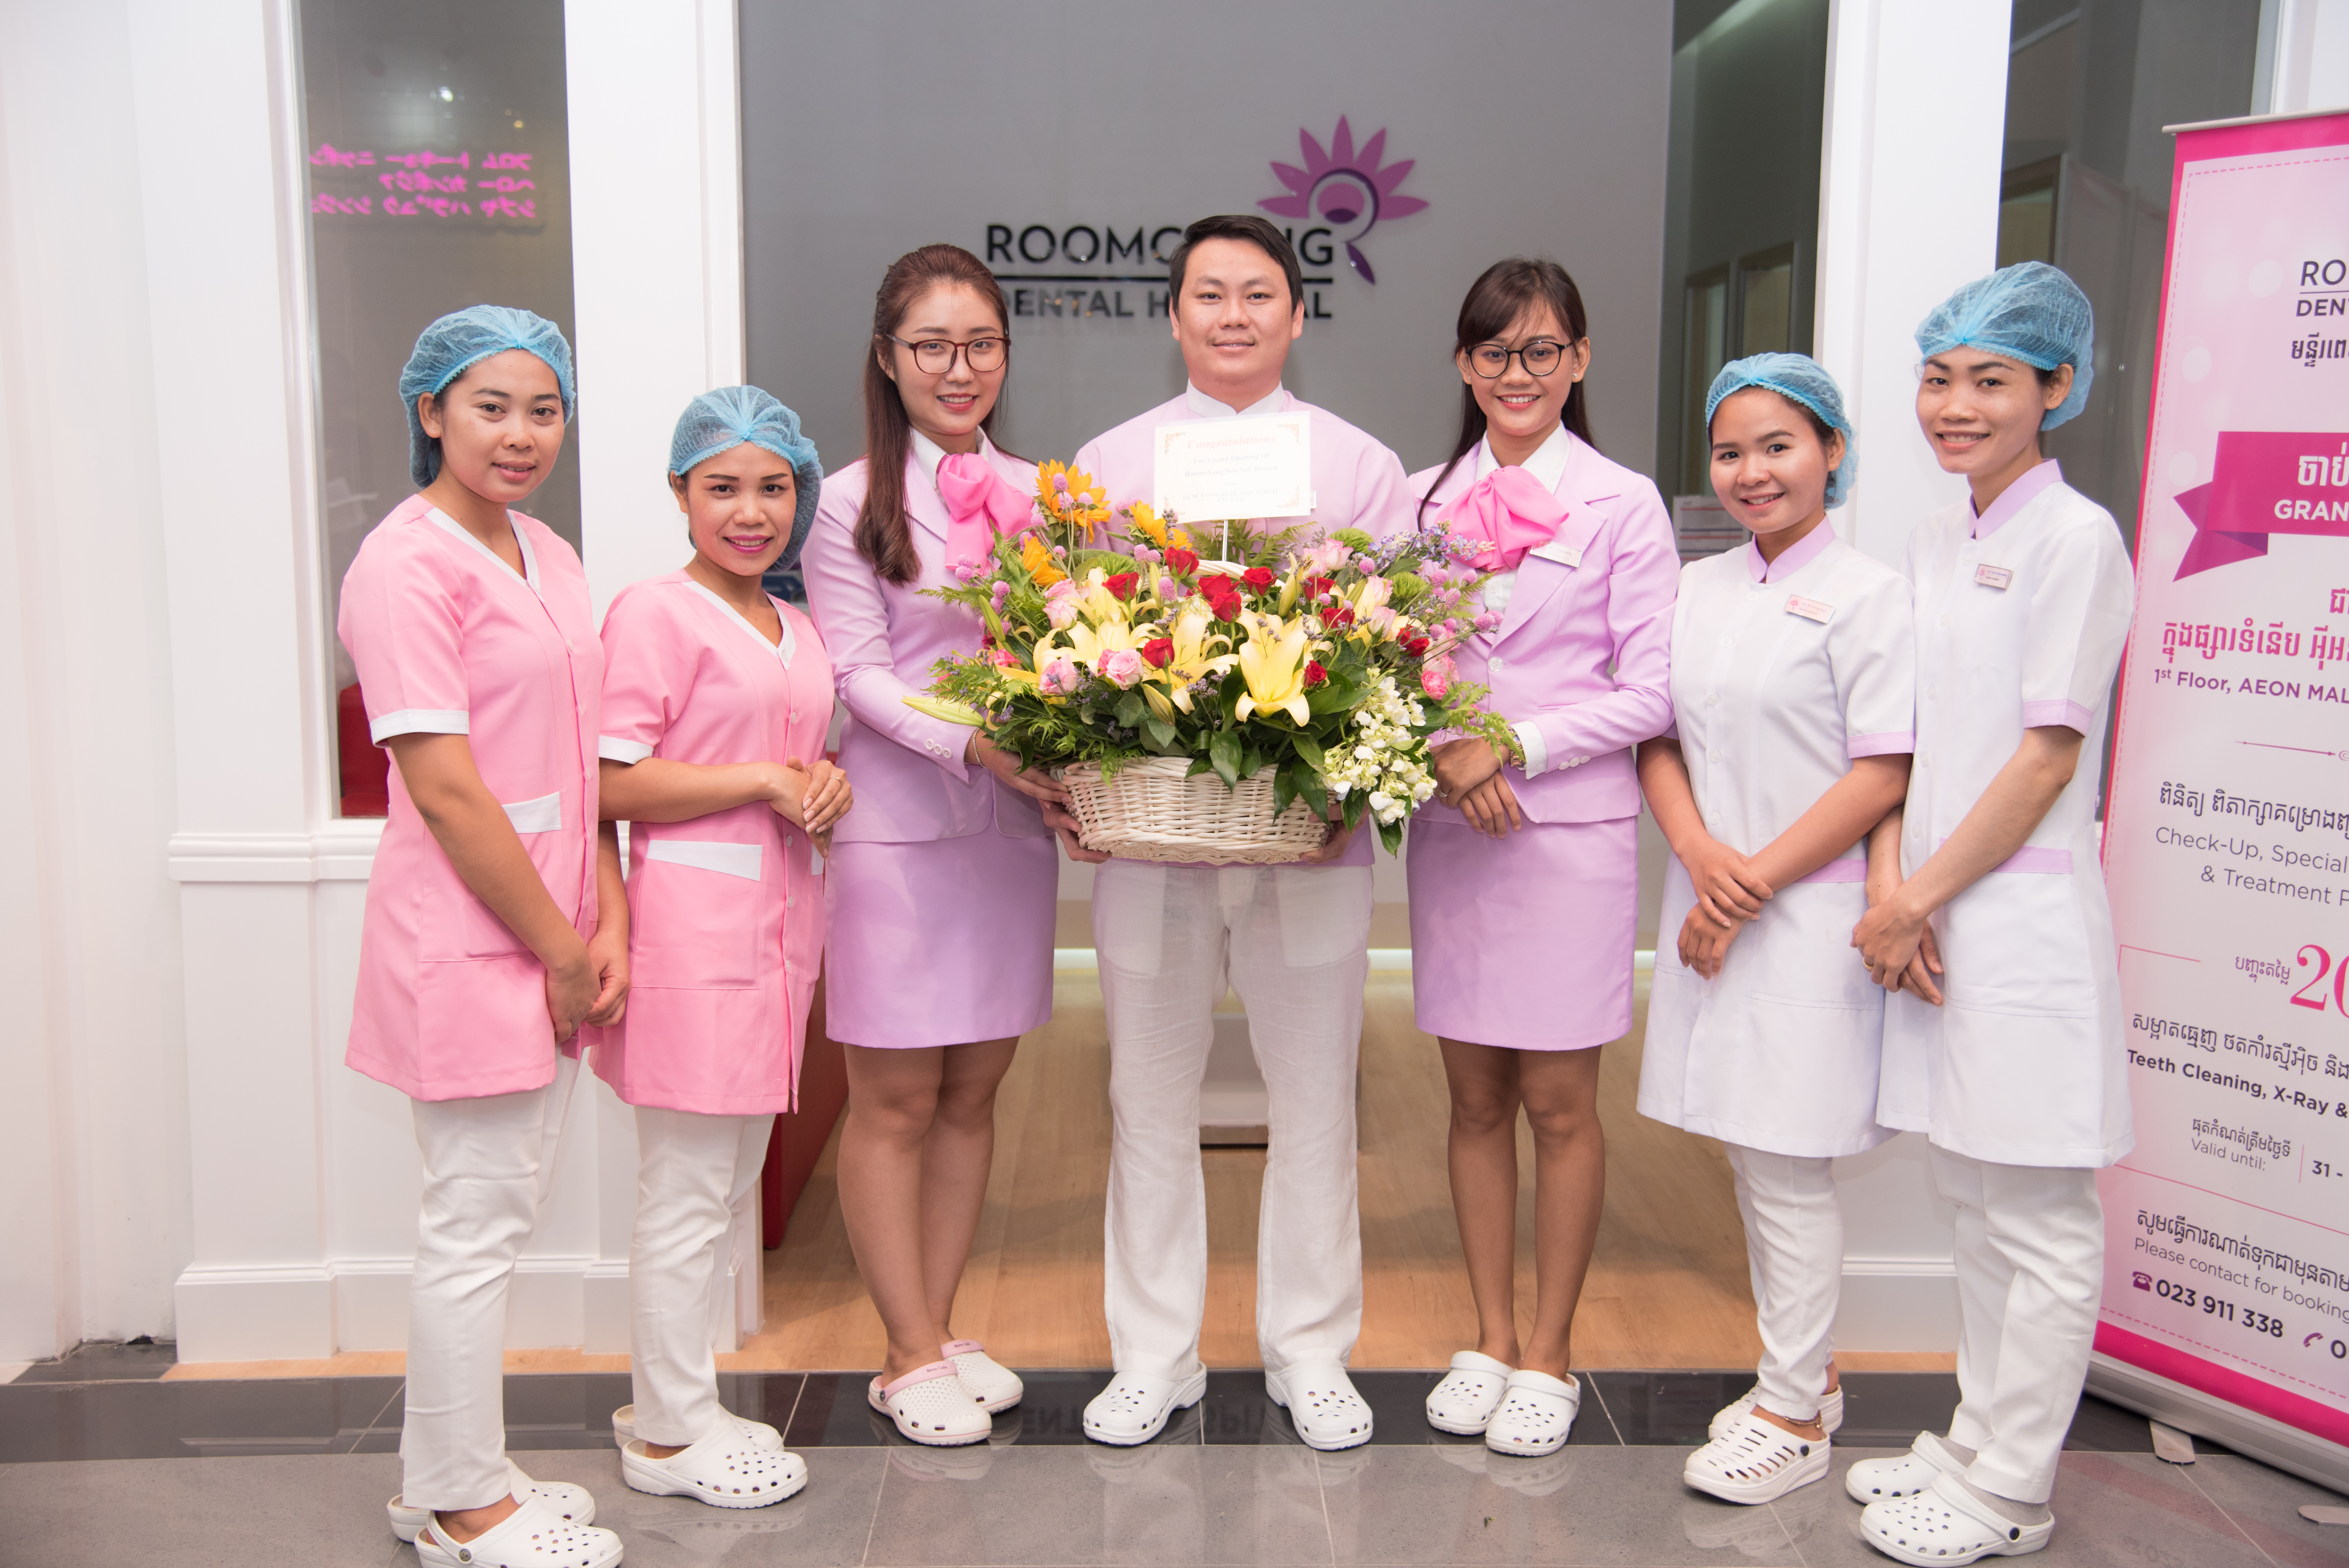 8. Roomchang staff @aeon mall 2